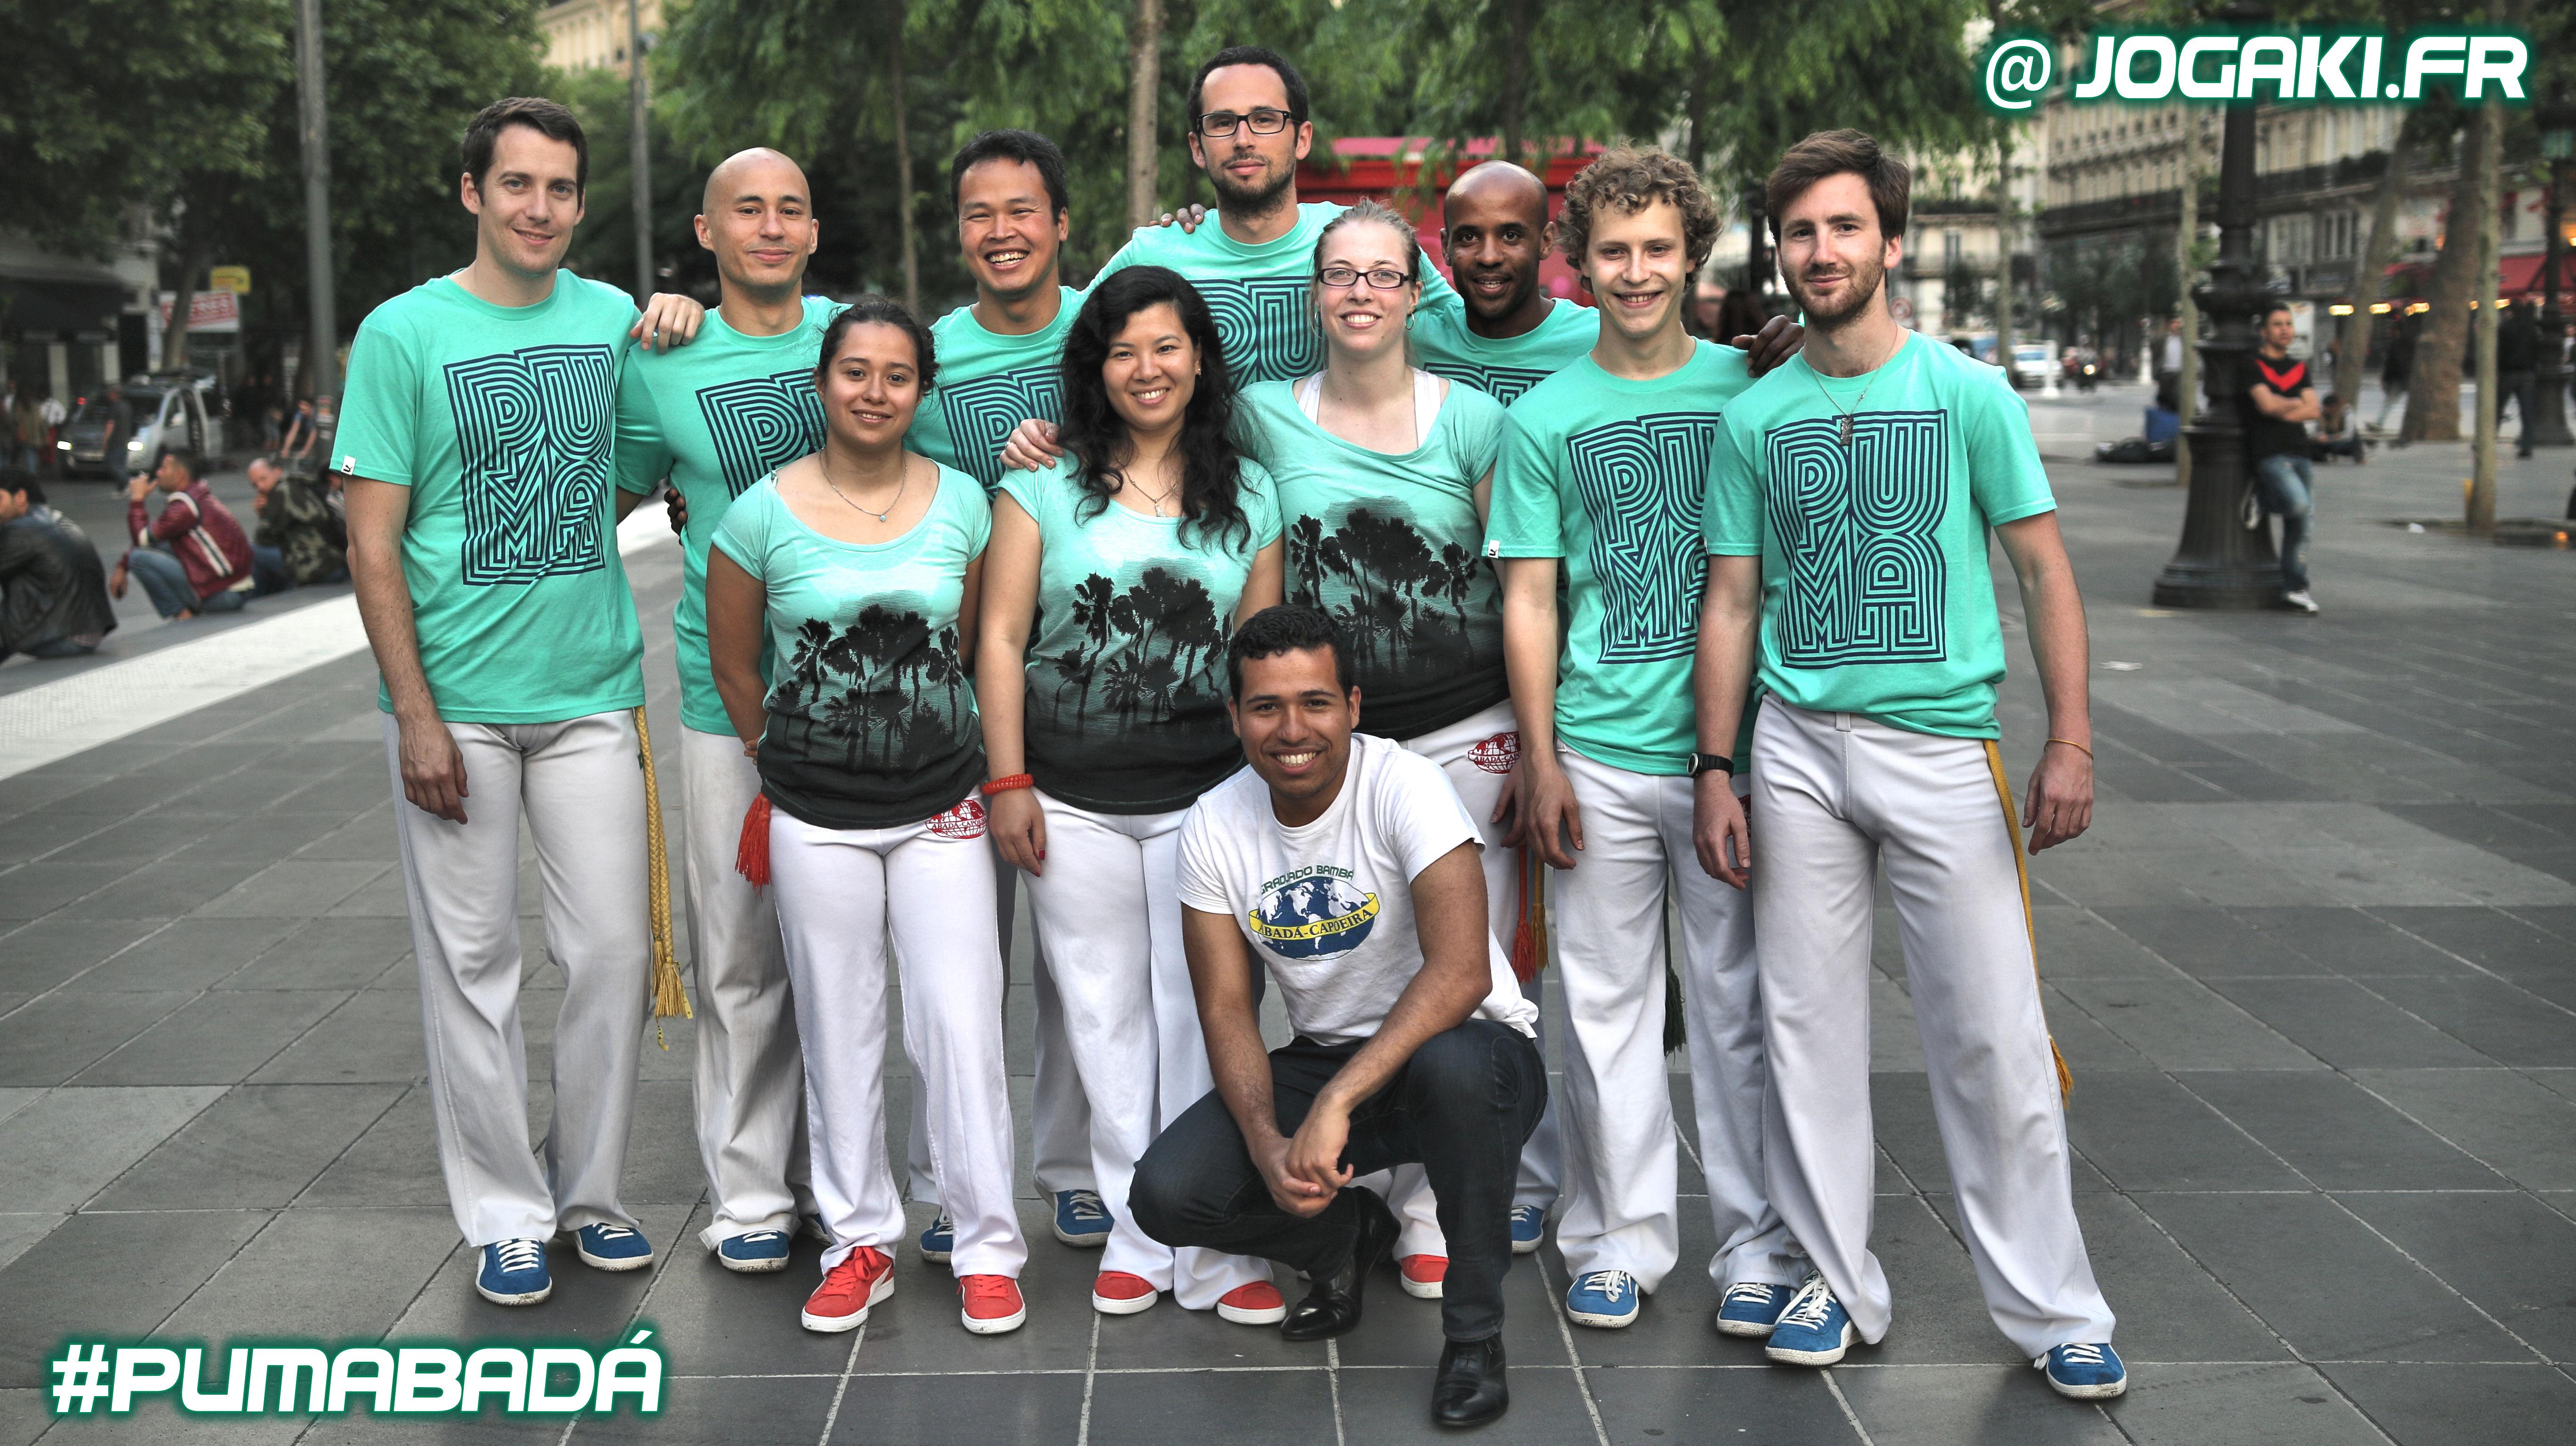 capoeira-paris-spectacle-coupe-du-monde-2014